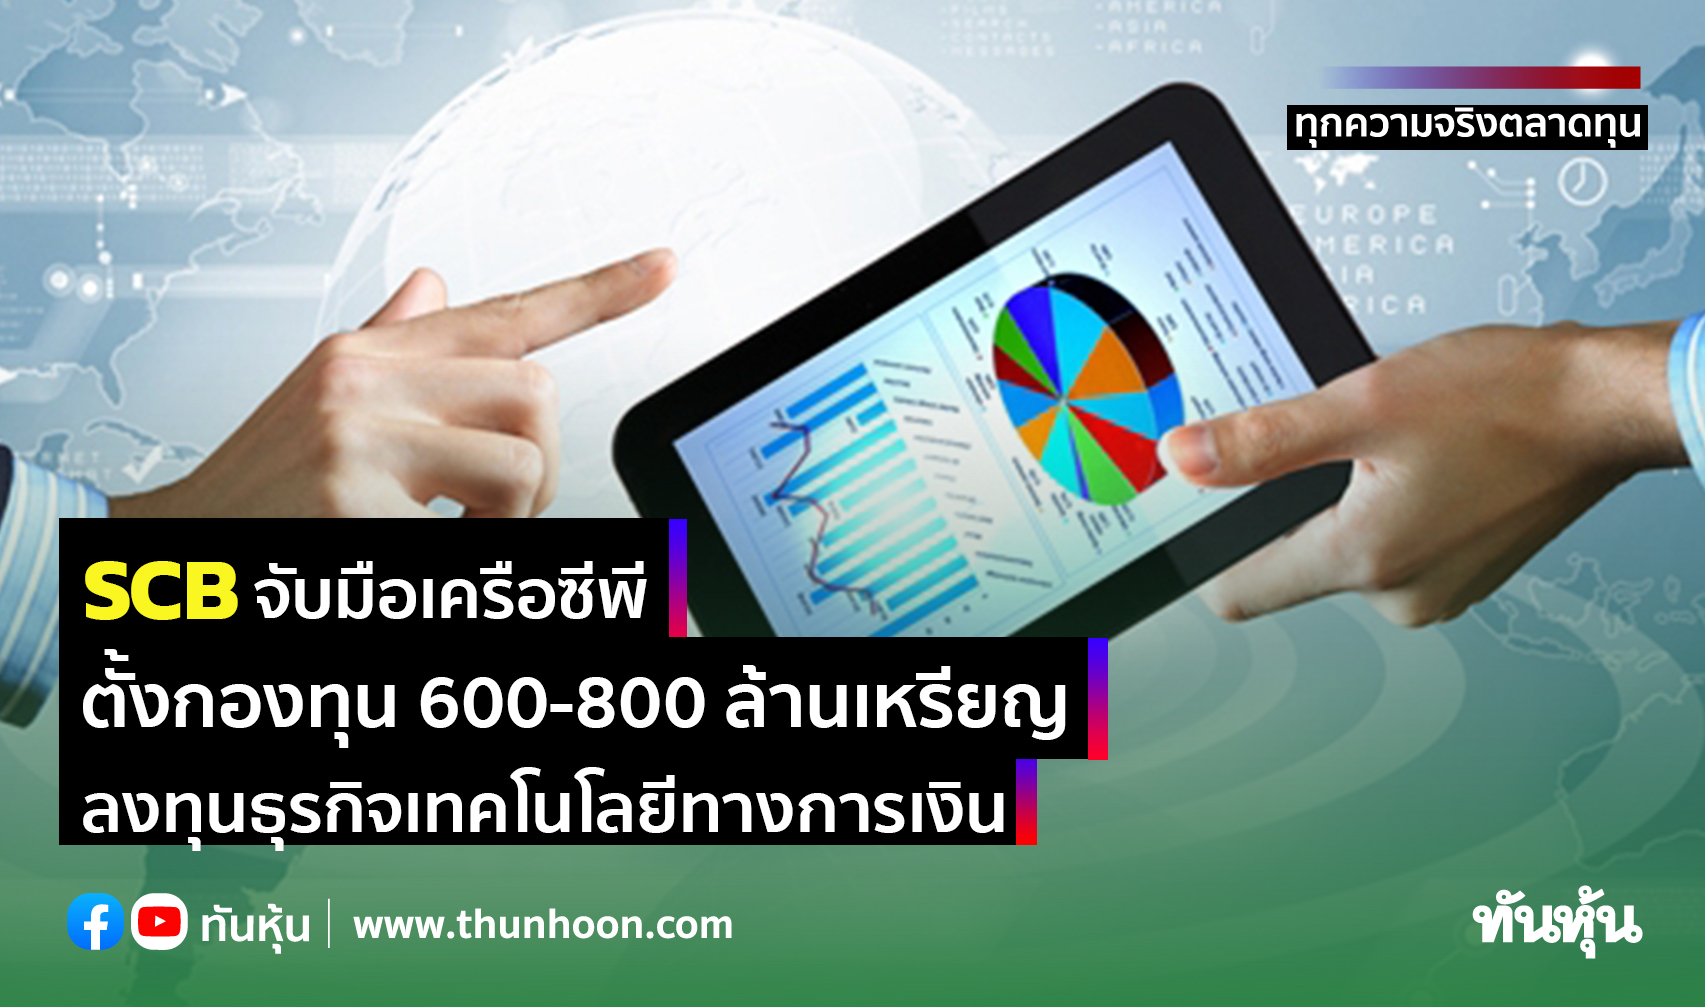 SCB จับมือเครือซีพี ตั้งกองทุน 600-800 ล้านเหรียญ ลงทุนธุรกิจเทคโนโลยีทางการเงิน